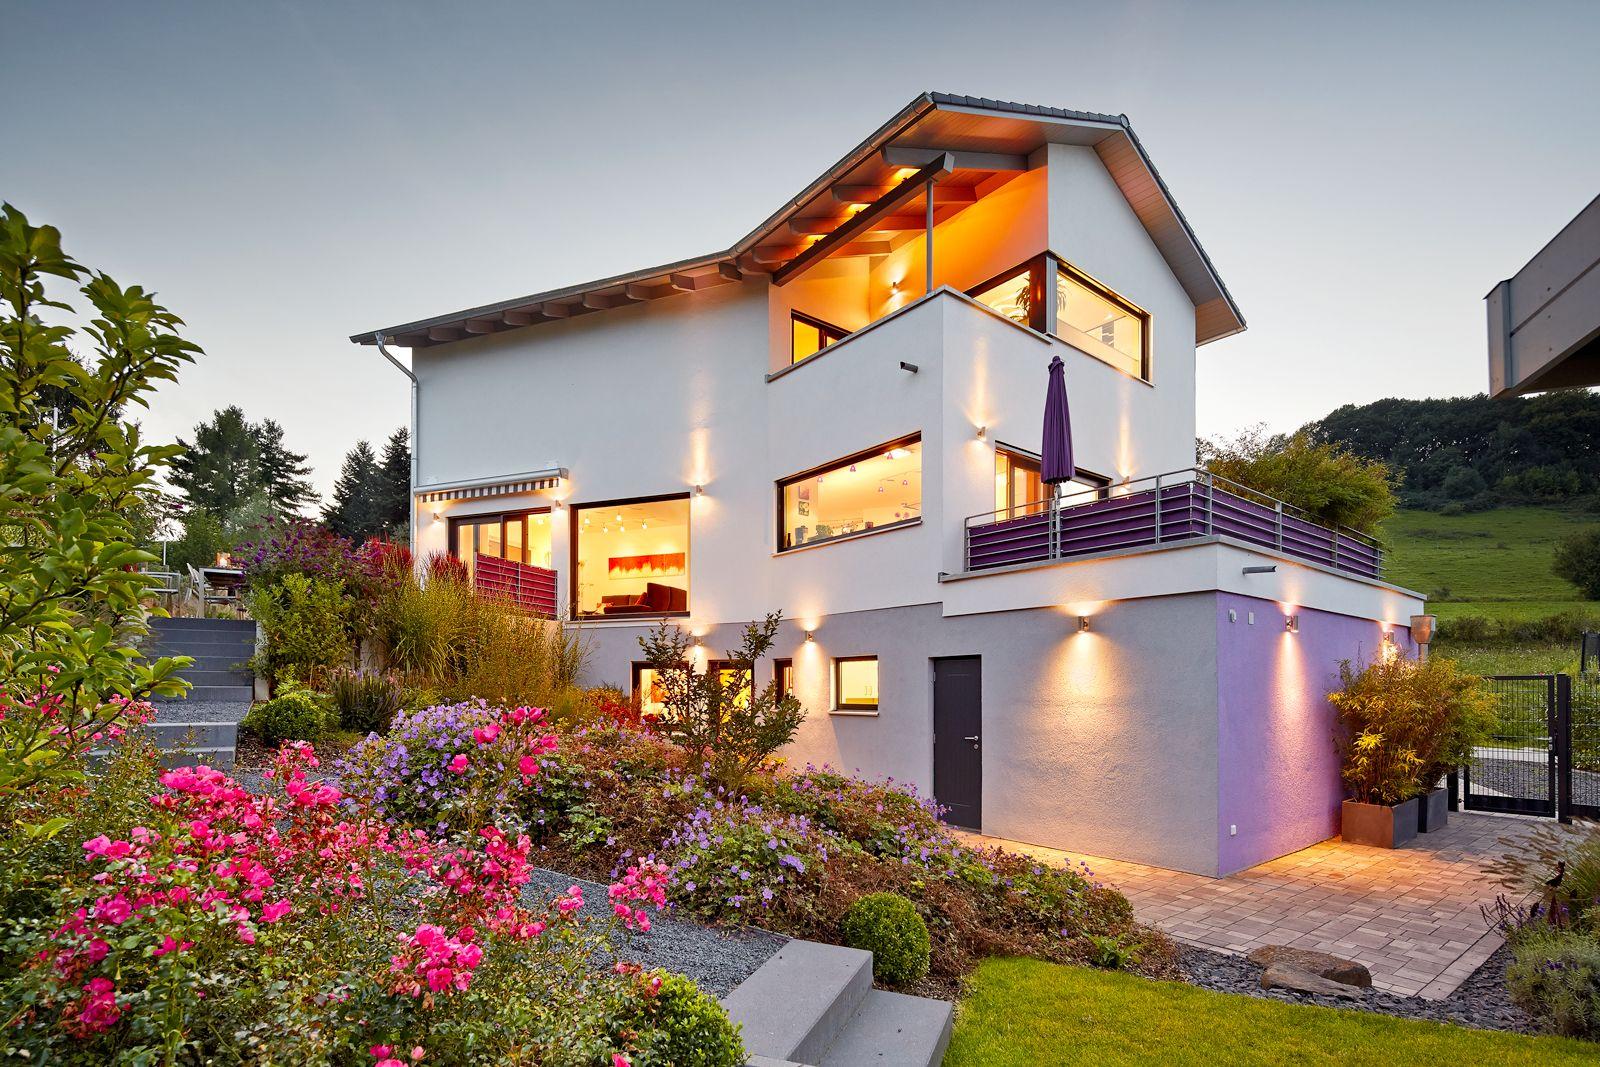 Satteldach Landhaus 129 An Diesem Haus Erkennt Man Deutlich Die ... Terrasse Im Garten Herausvorderungen